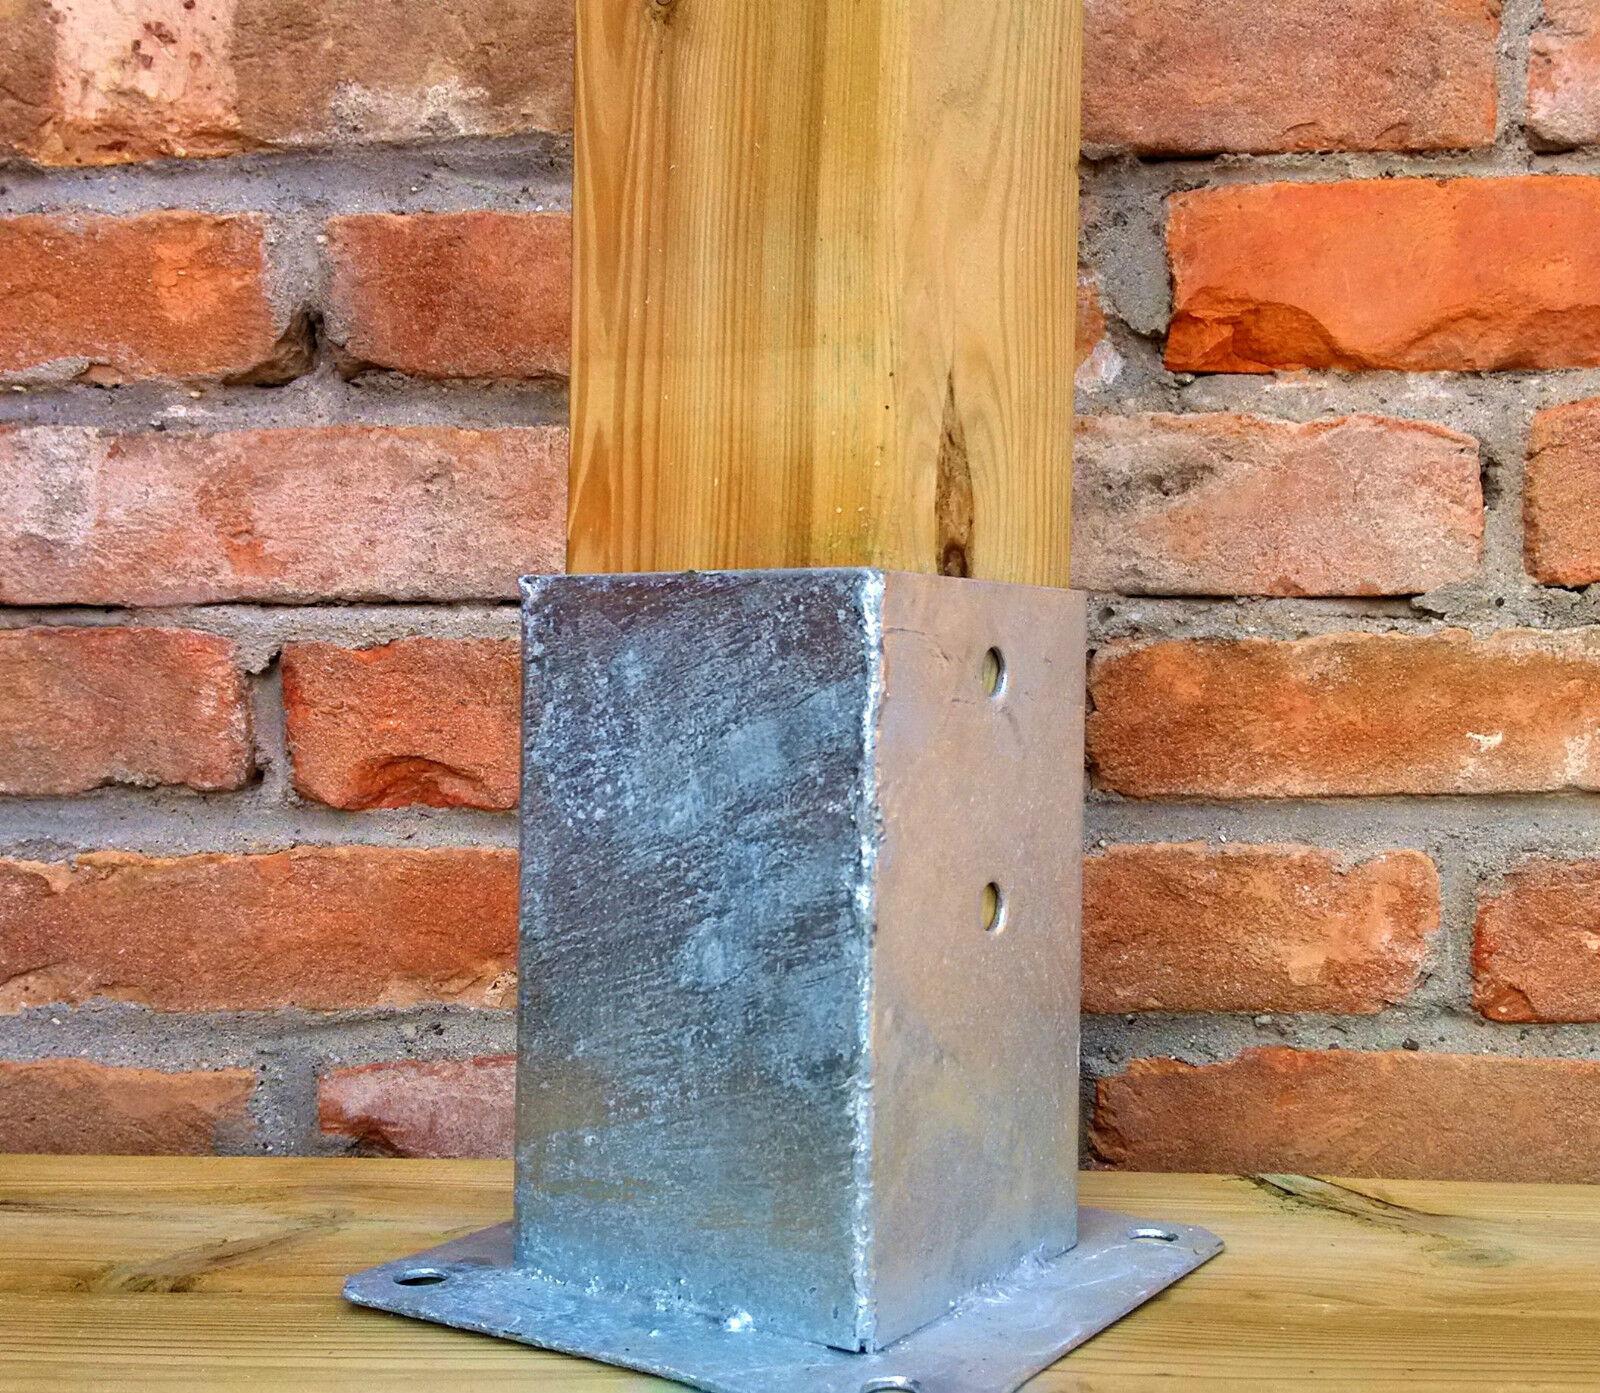 Dimensionamento Pergolato In Legno staffa a bicchiere per fissaggio su cemento, portapilastro